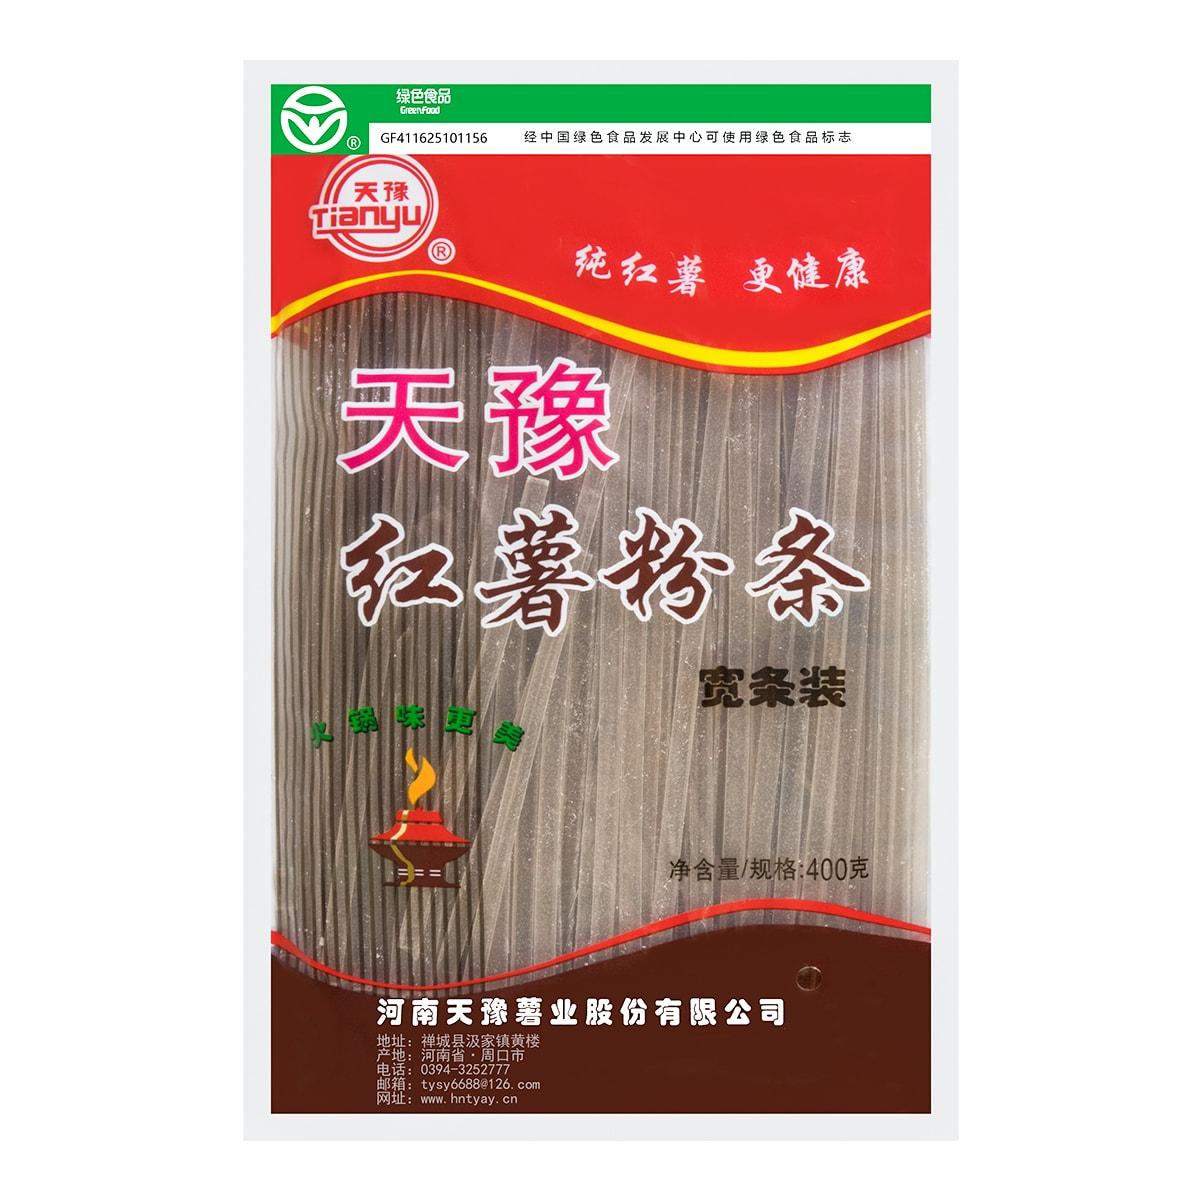 天豫 红薯粉条 宽条装 400g USDA认证